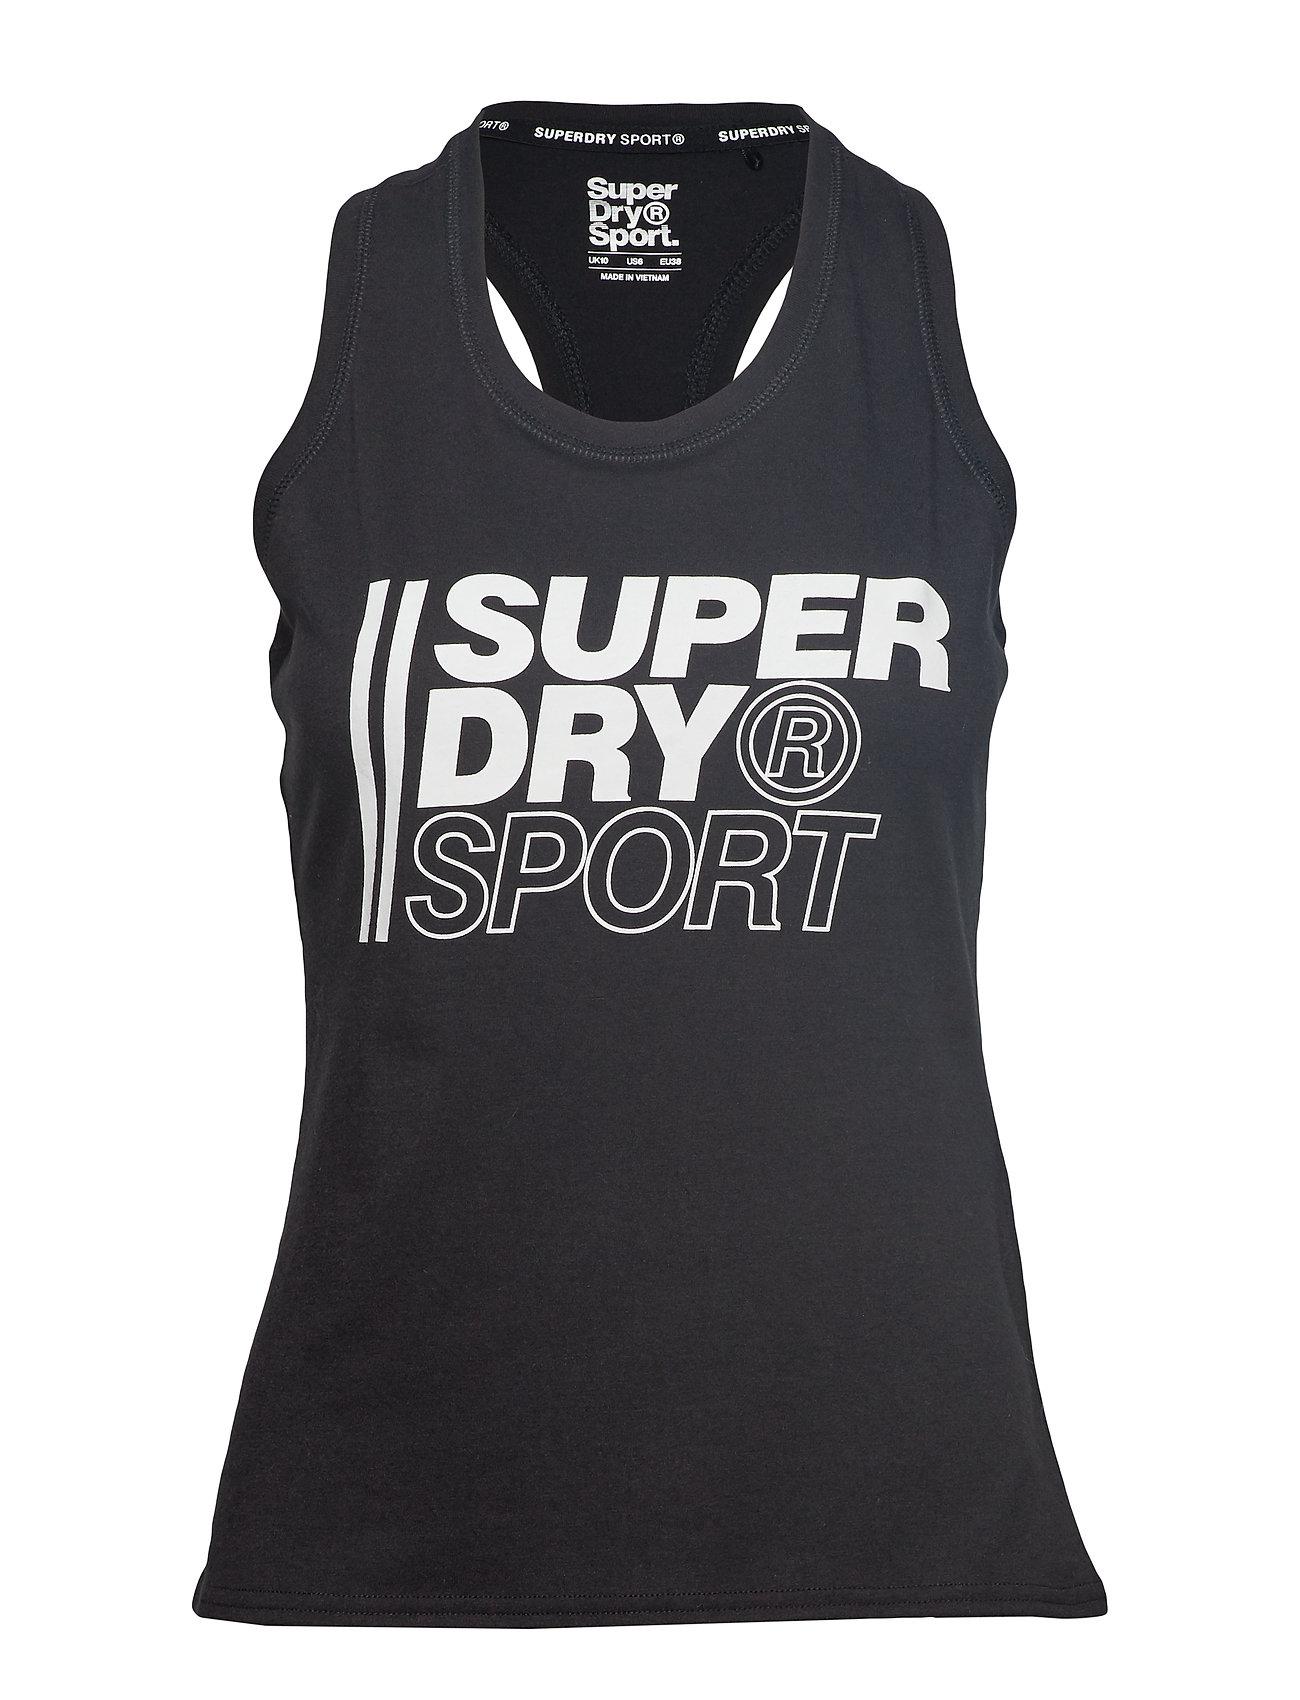 Superdry Sport CORE SPORT GRAPHIC VEST - BLACK